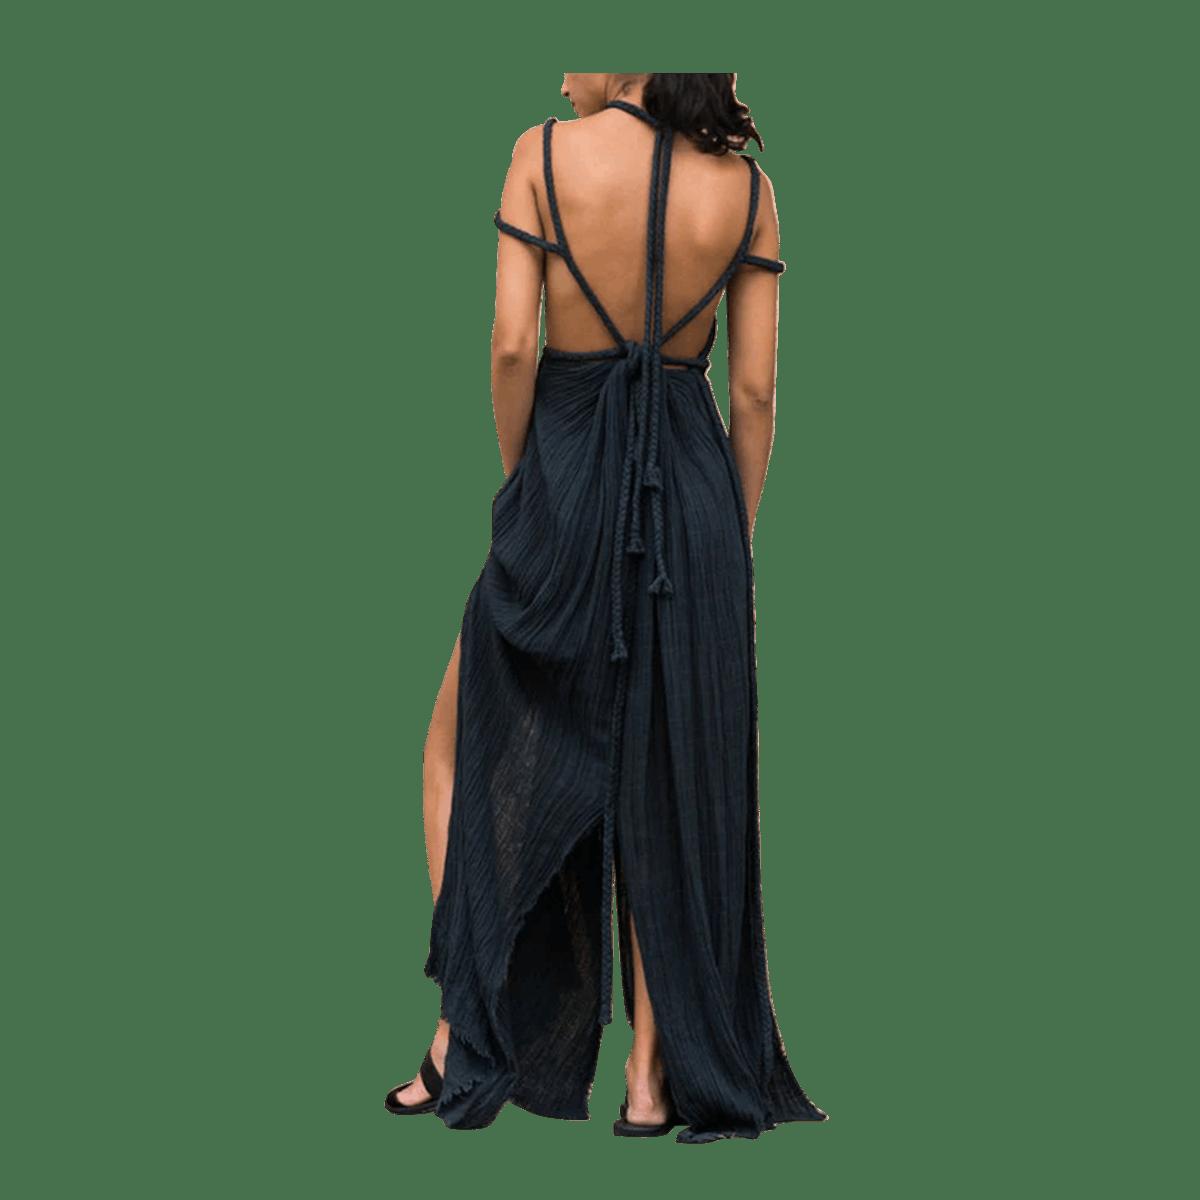 The Aphrodite Dress